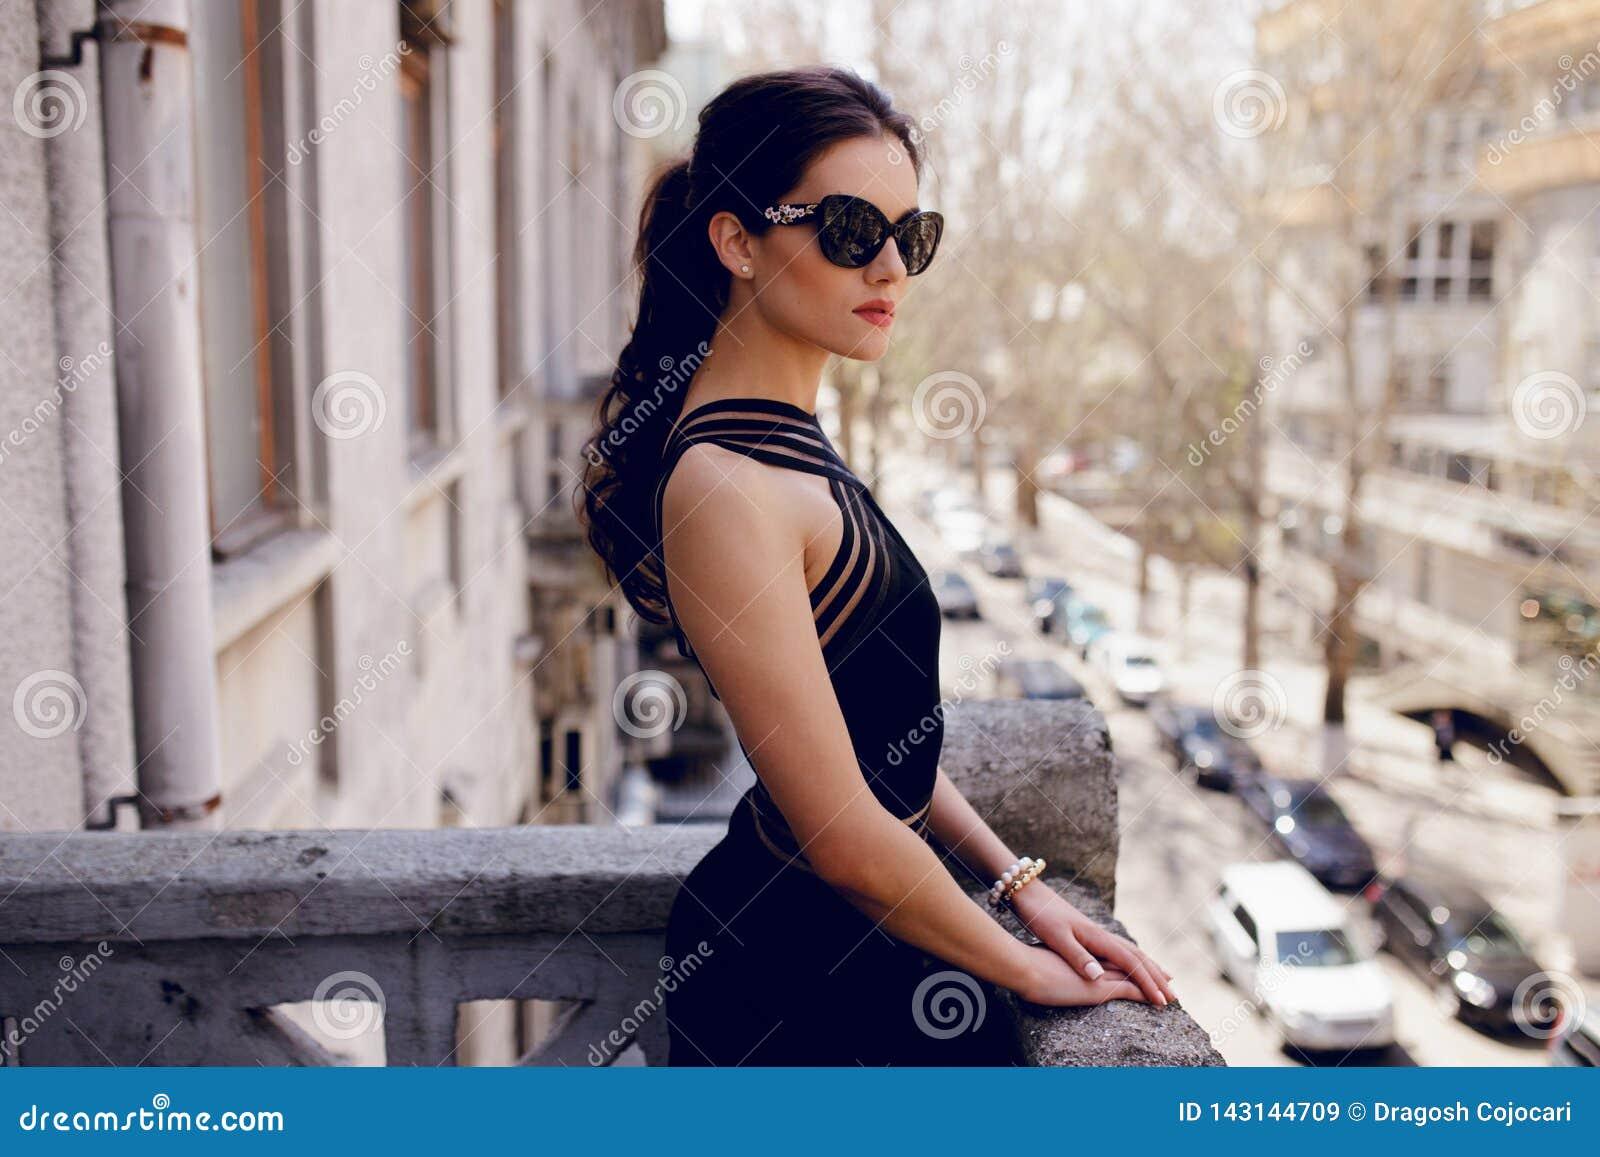 Silna, elegancka kobieta w czarnych okularach przeciwsłonecznych, seksowna czerni suknia, włosiany ponytail, spojrzenia z postawą